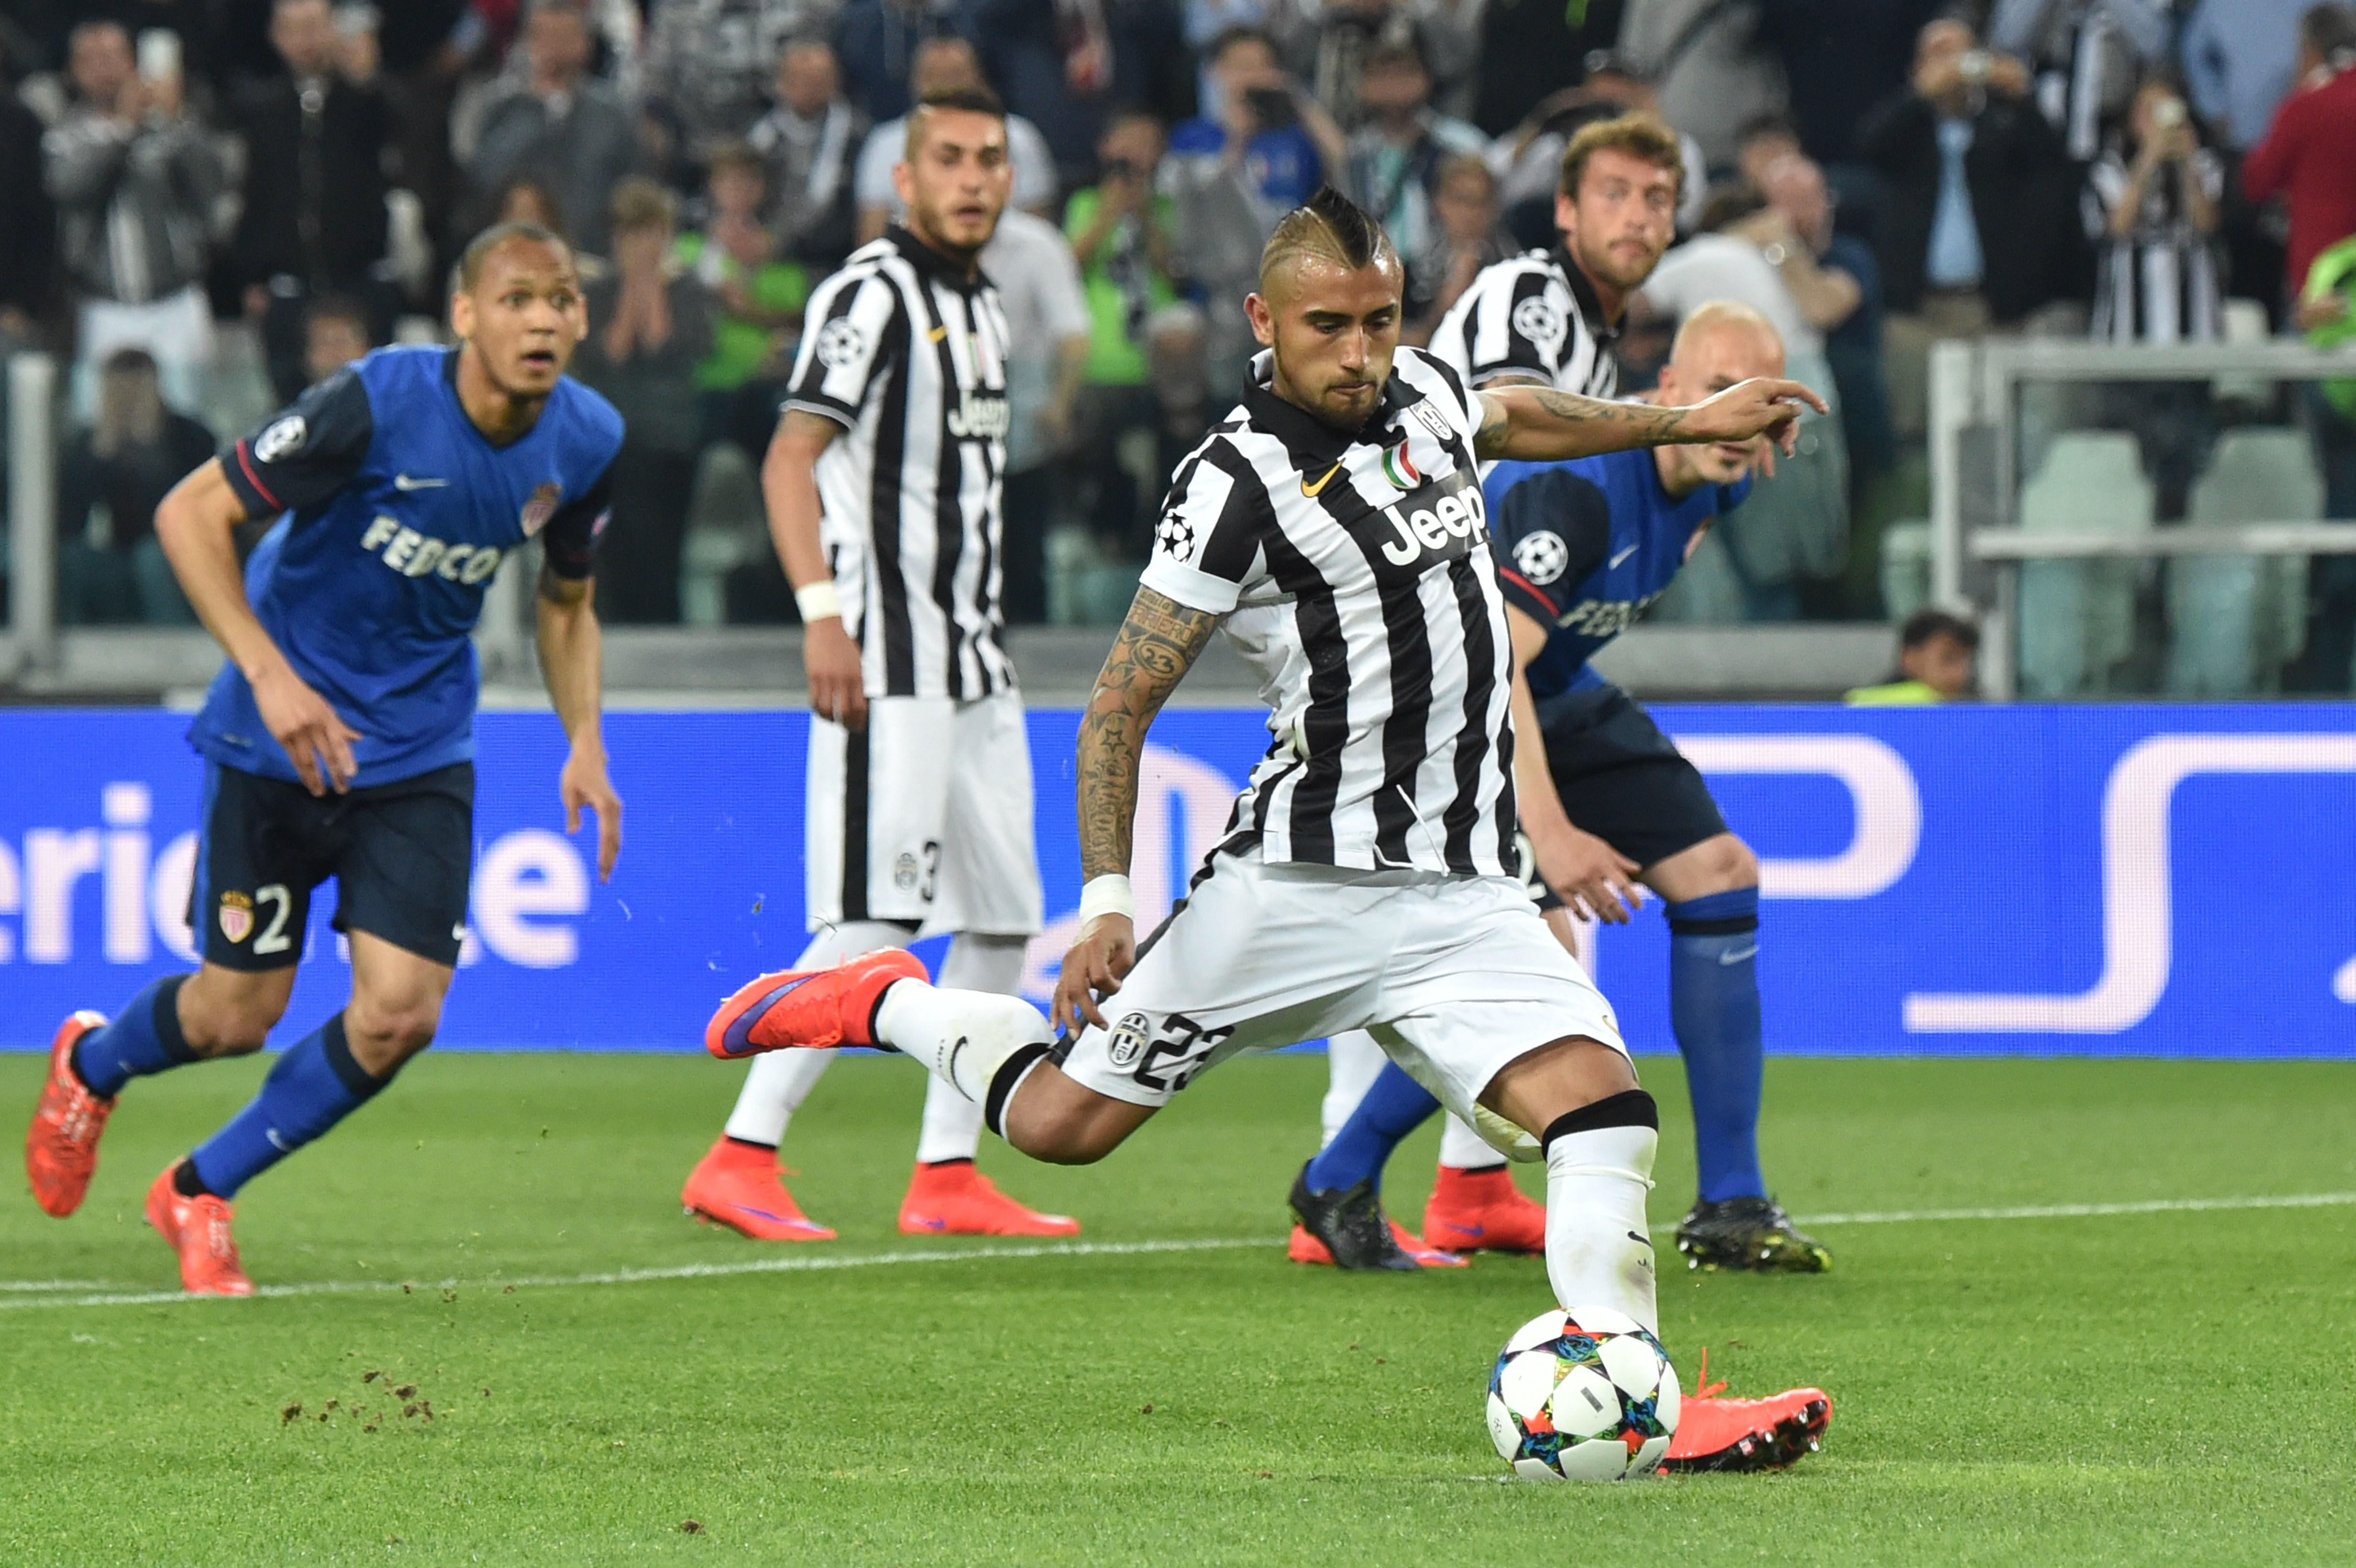 Il rigore di Vidal regala il successo alla Juventus all'andata dei quarti di finale contro il Monaco